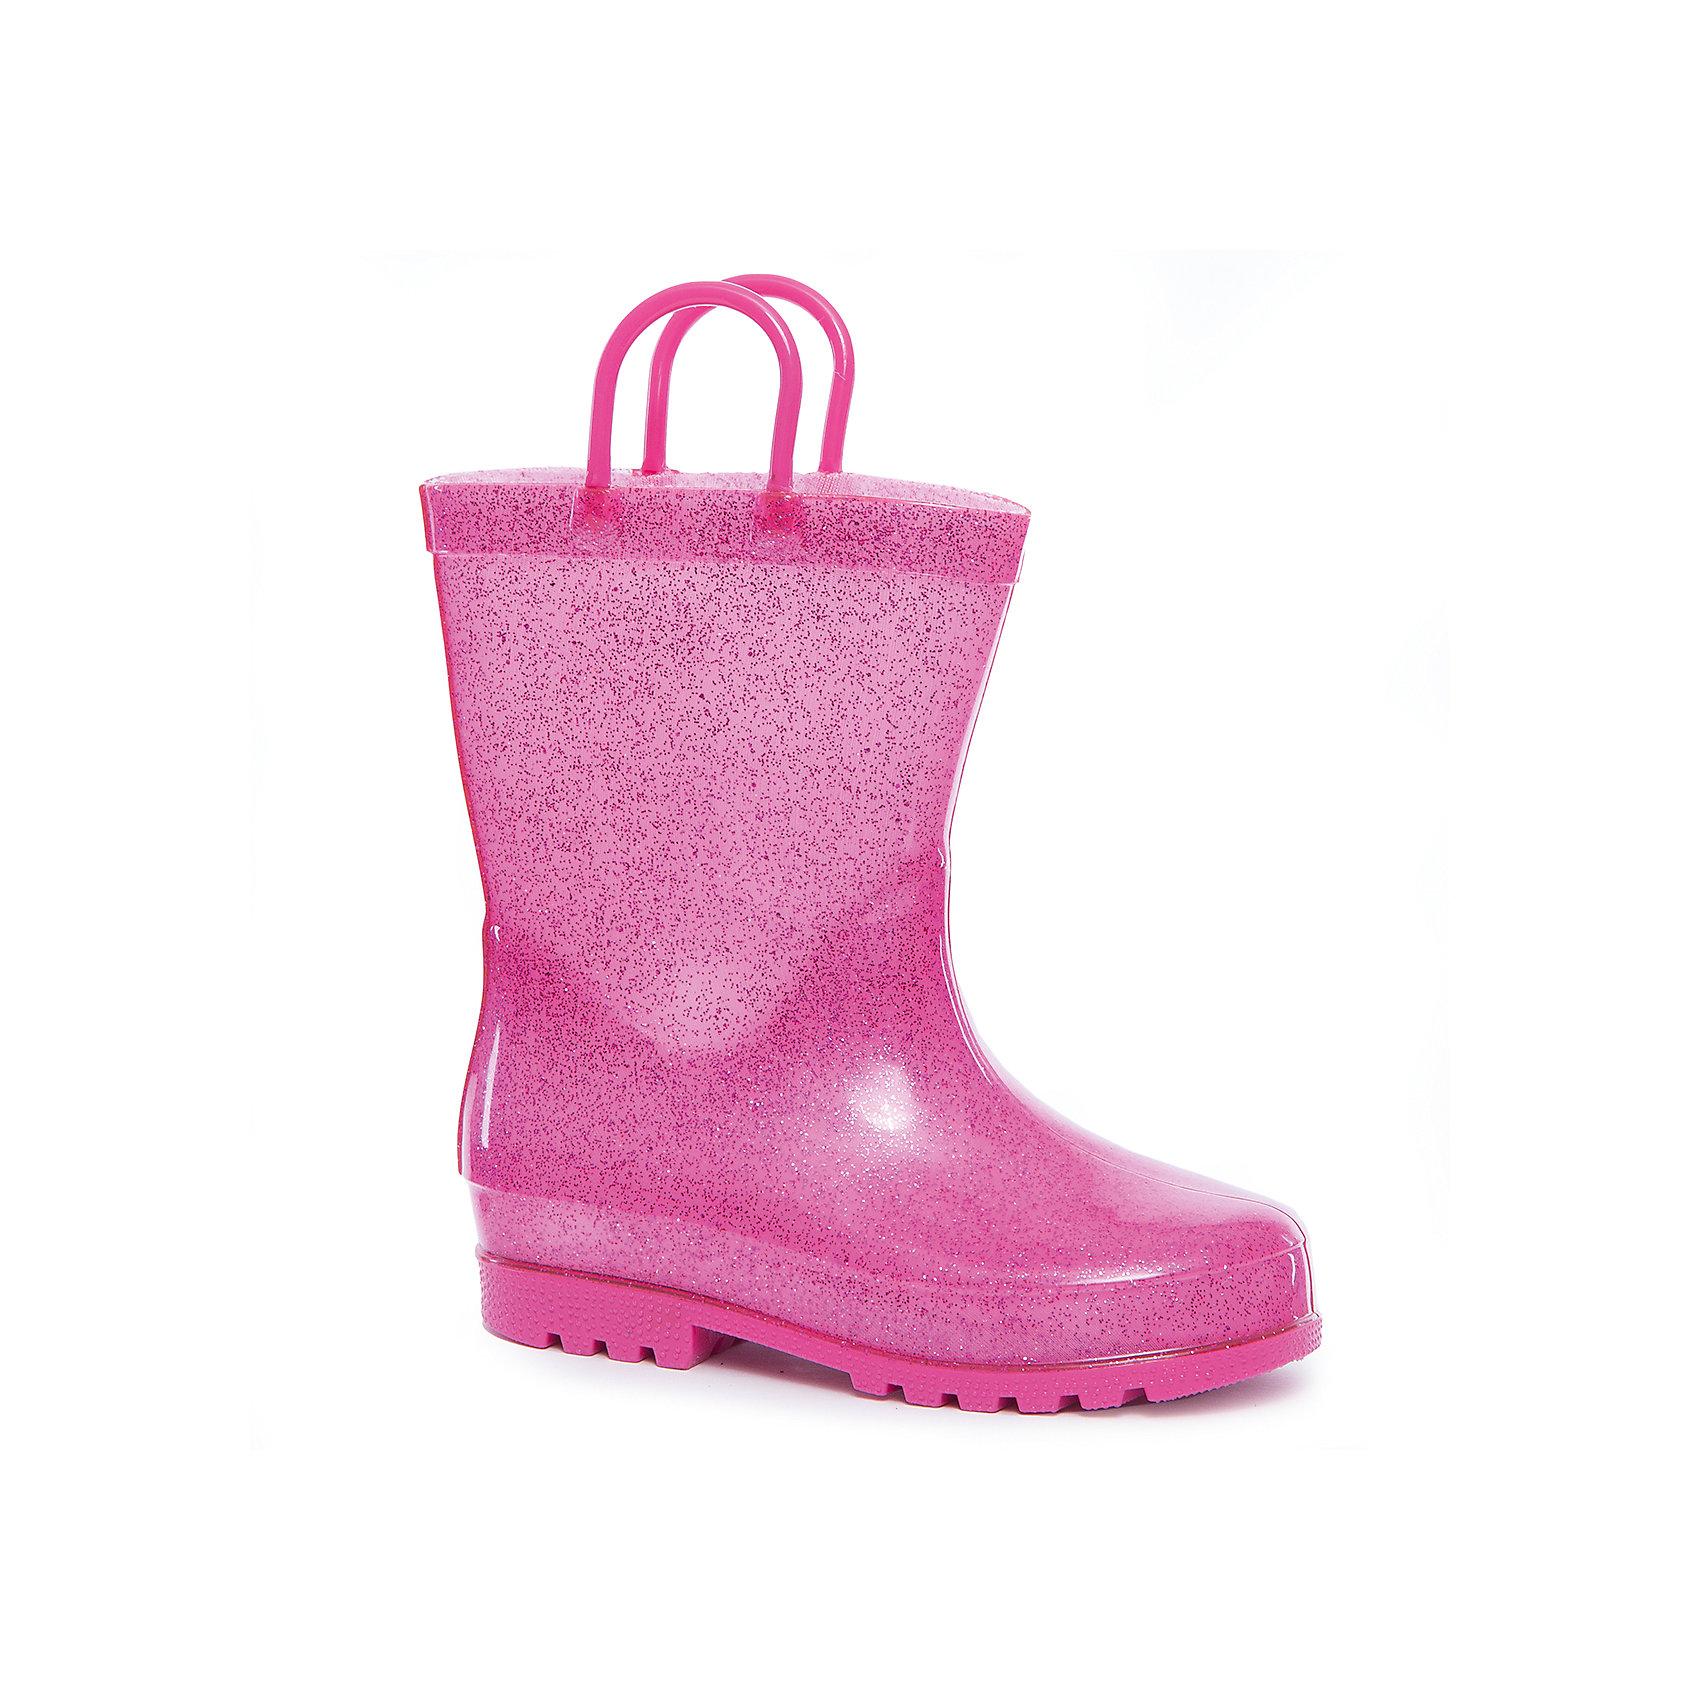 Резиновые сапоги  для девочки PlayTodayРезиновые сапоги<br>Сапоги для девочки PlayToday<br>Стильные сапоги прекрасно подойдут для прогулок в дождливую погоду. Подошва из гибкого, не скользящего материала. Рифление обеспечивает хорошее сцепление с поверхностью. Удобная пятка укреплена жестким задником. Модель плотно садится на ноге ребенка, что обеспечивает комфорт при носке. <br><br>Преимущества: <br><br>Подошва из гибкого, нескользящего материала<br>Рифление подошвы обеспечивает хорошее сцепление с поверхностью<br>Сапоги на небольшом устойчивом каблуке<br><br>Состав:<br>Верх:100%поливинилхлорид;Подкладка:100%нейлон;Подошва:100%поливинилхлорид<br><br>Ширина мм: 257<br>Глубина мм: 180<br>Высота мм: 130<br>Вес г: 420<br>Цвет: розовый<br>Возраст от месяцев: 132<br>Возраст до месяцев: 144<br>Пол: Женский<br>Возраст: Детский<br>Размер: 35,28,29,30,31,32,33,34<br>SKU: 5404672